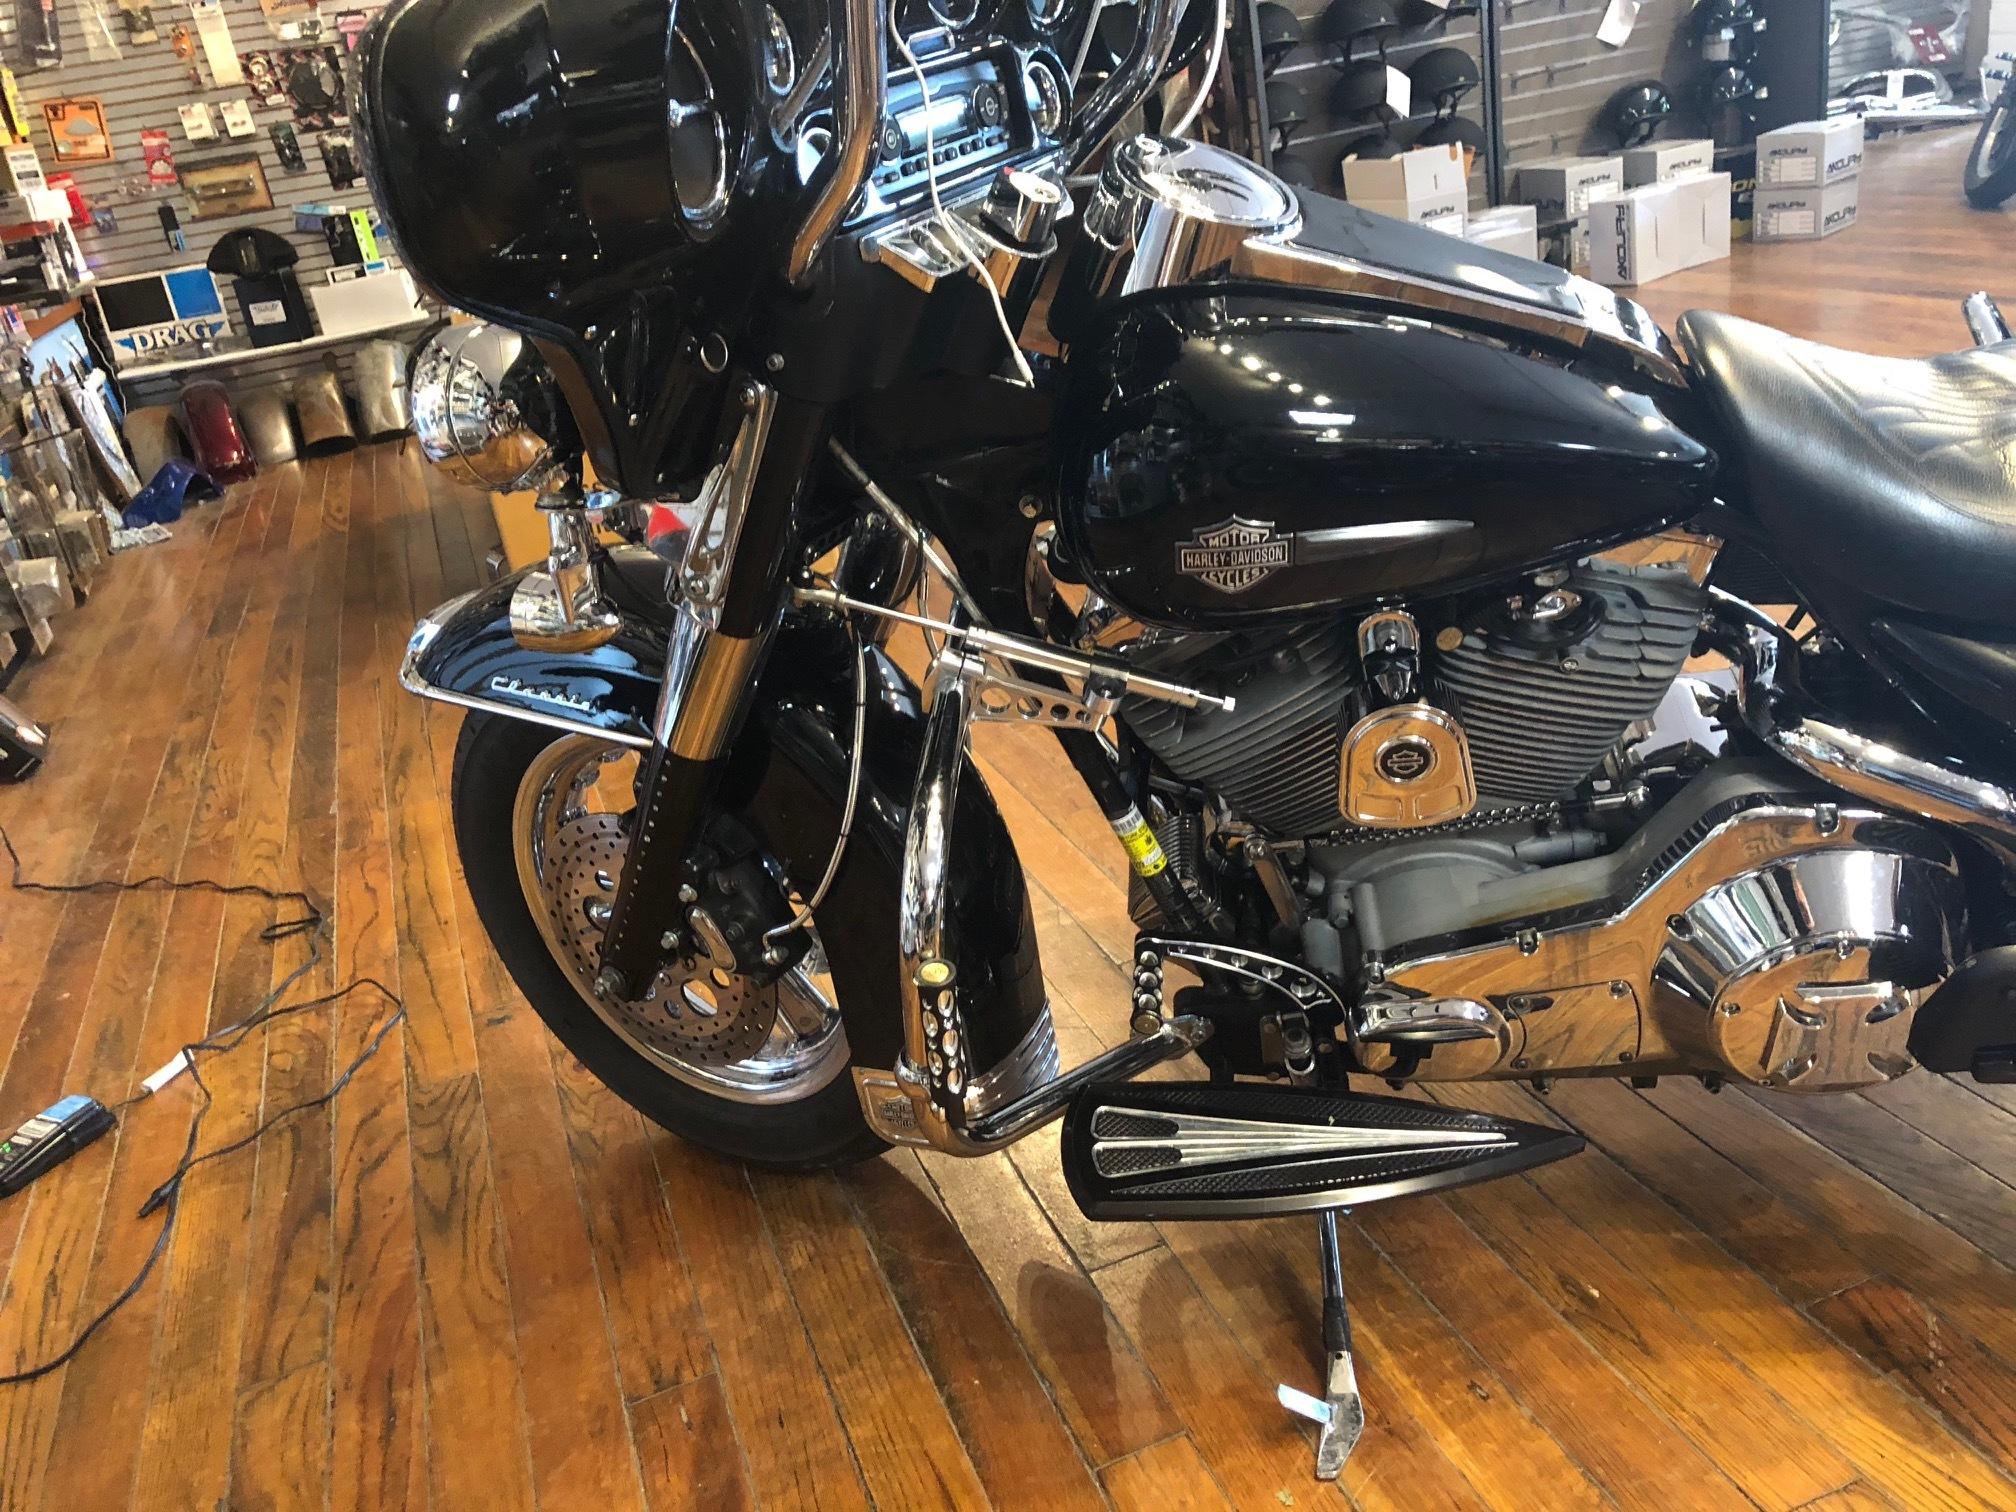 Custom Cycle Front Steering Damper Kit For 97-07 Harley Touring FLHR FLHX  FLHT